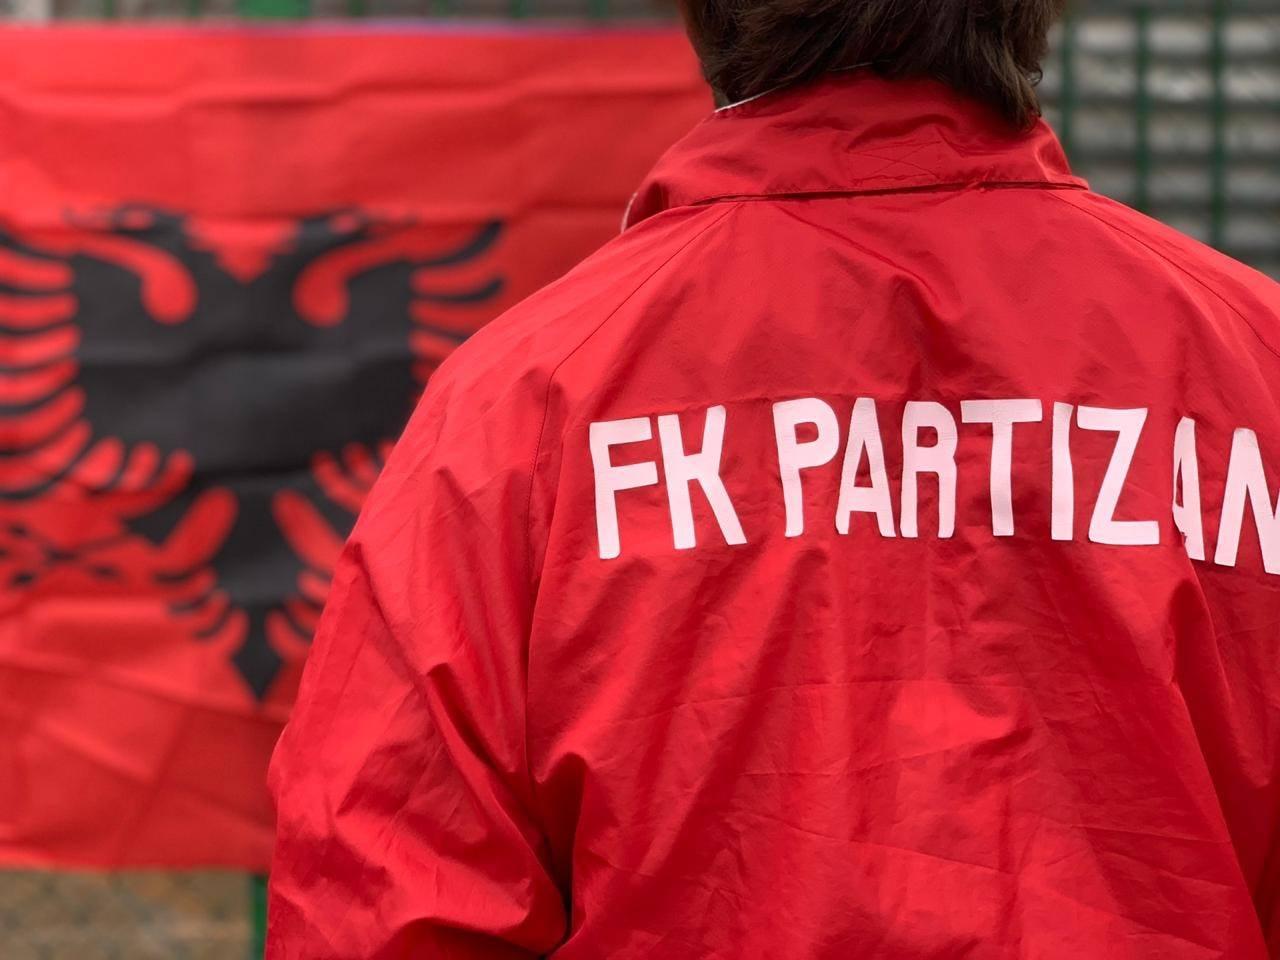 partizani flamuri shqiptar